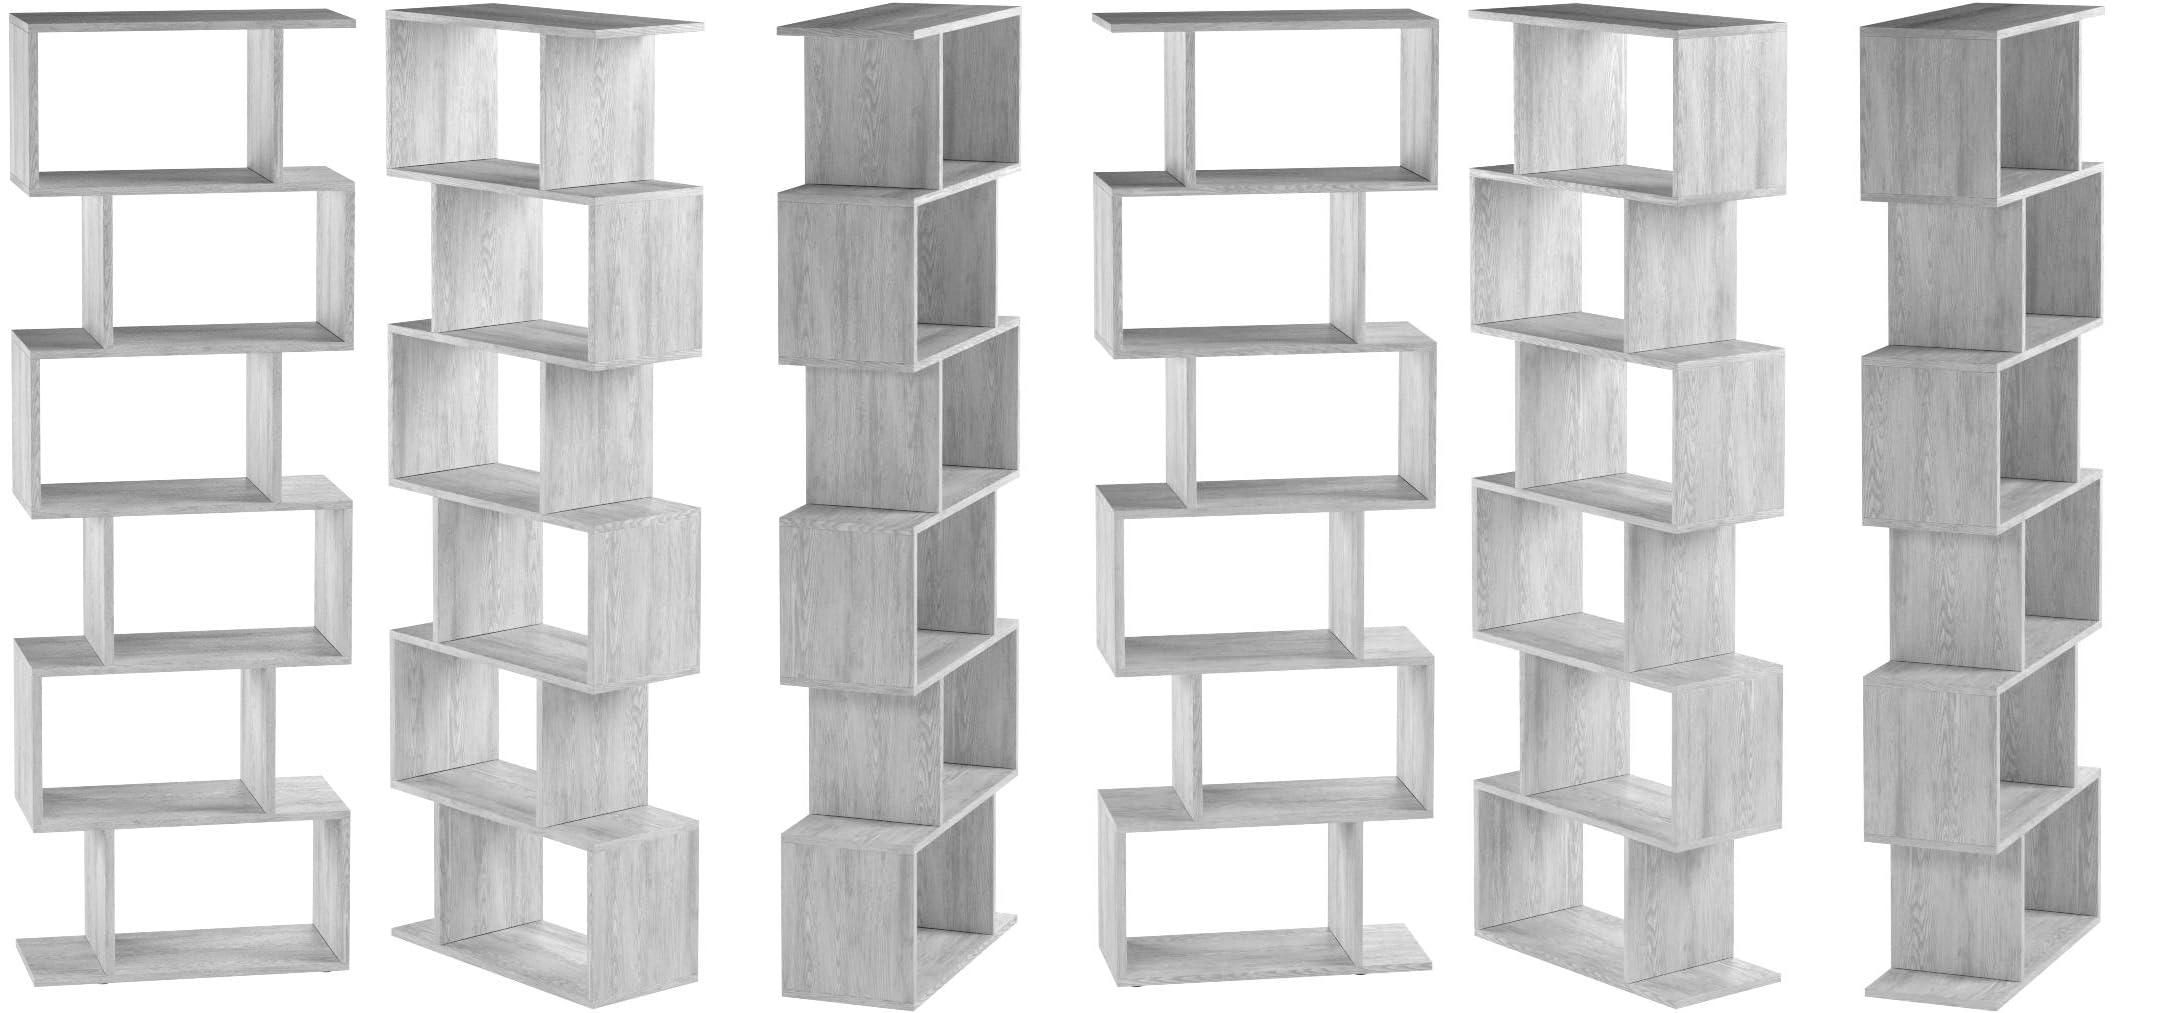 Vicco Separador de ambientes LEVIO Separador de Habitaciones estantería Separador Organizador con estantes estanterías de almacenaje Separador de ...